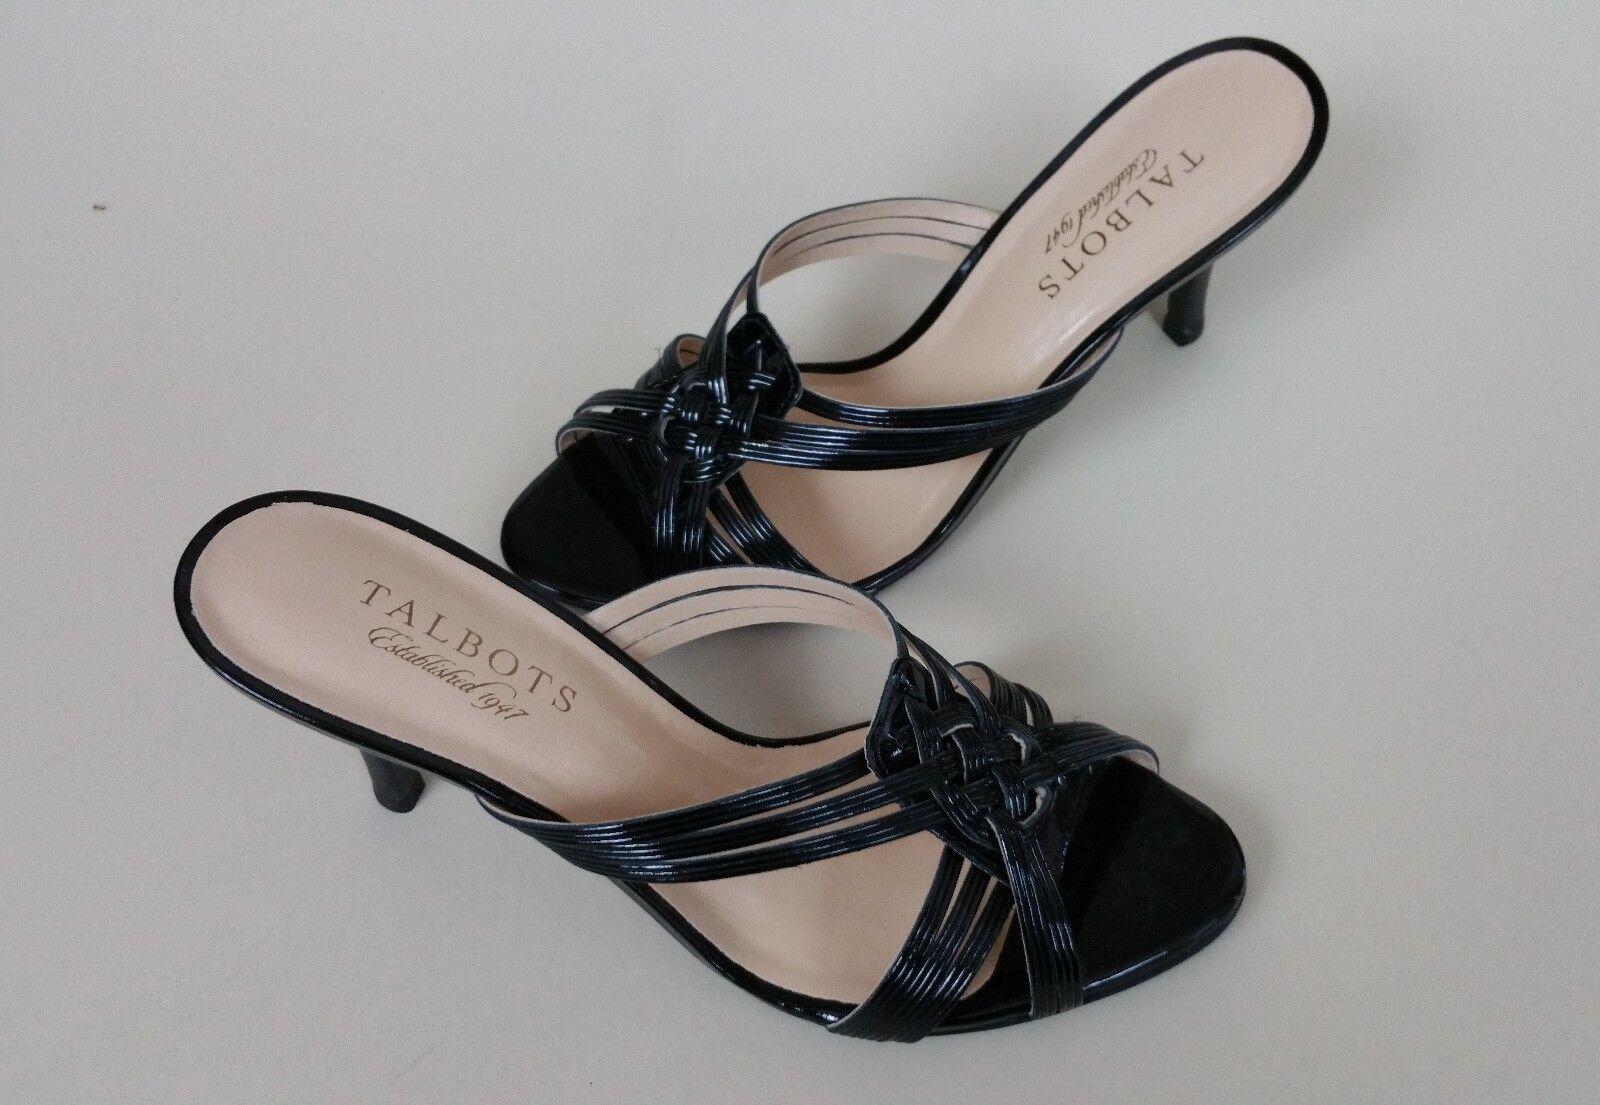 Open toe shoes heels talbots black size 6.5 W 3.5  heel grady